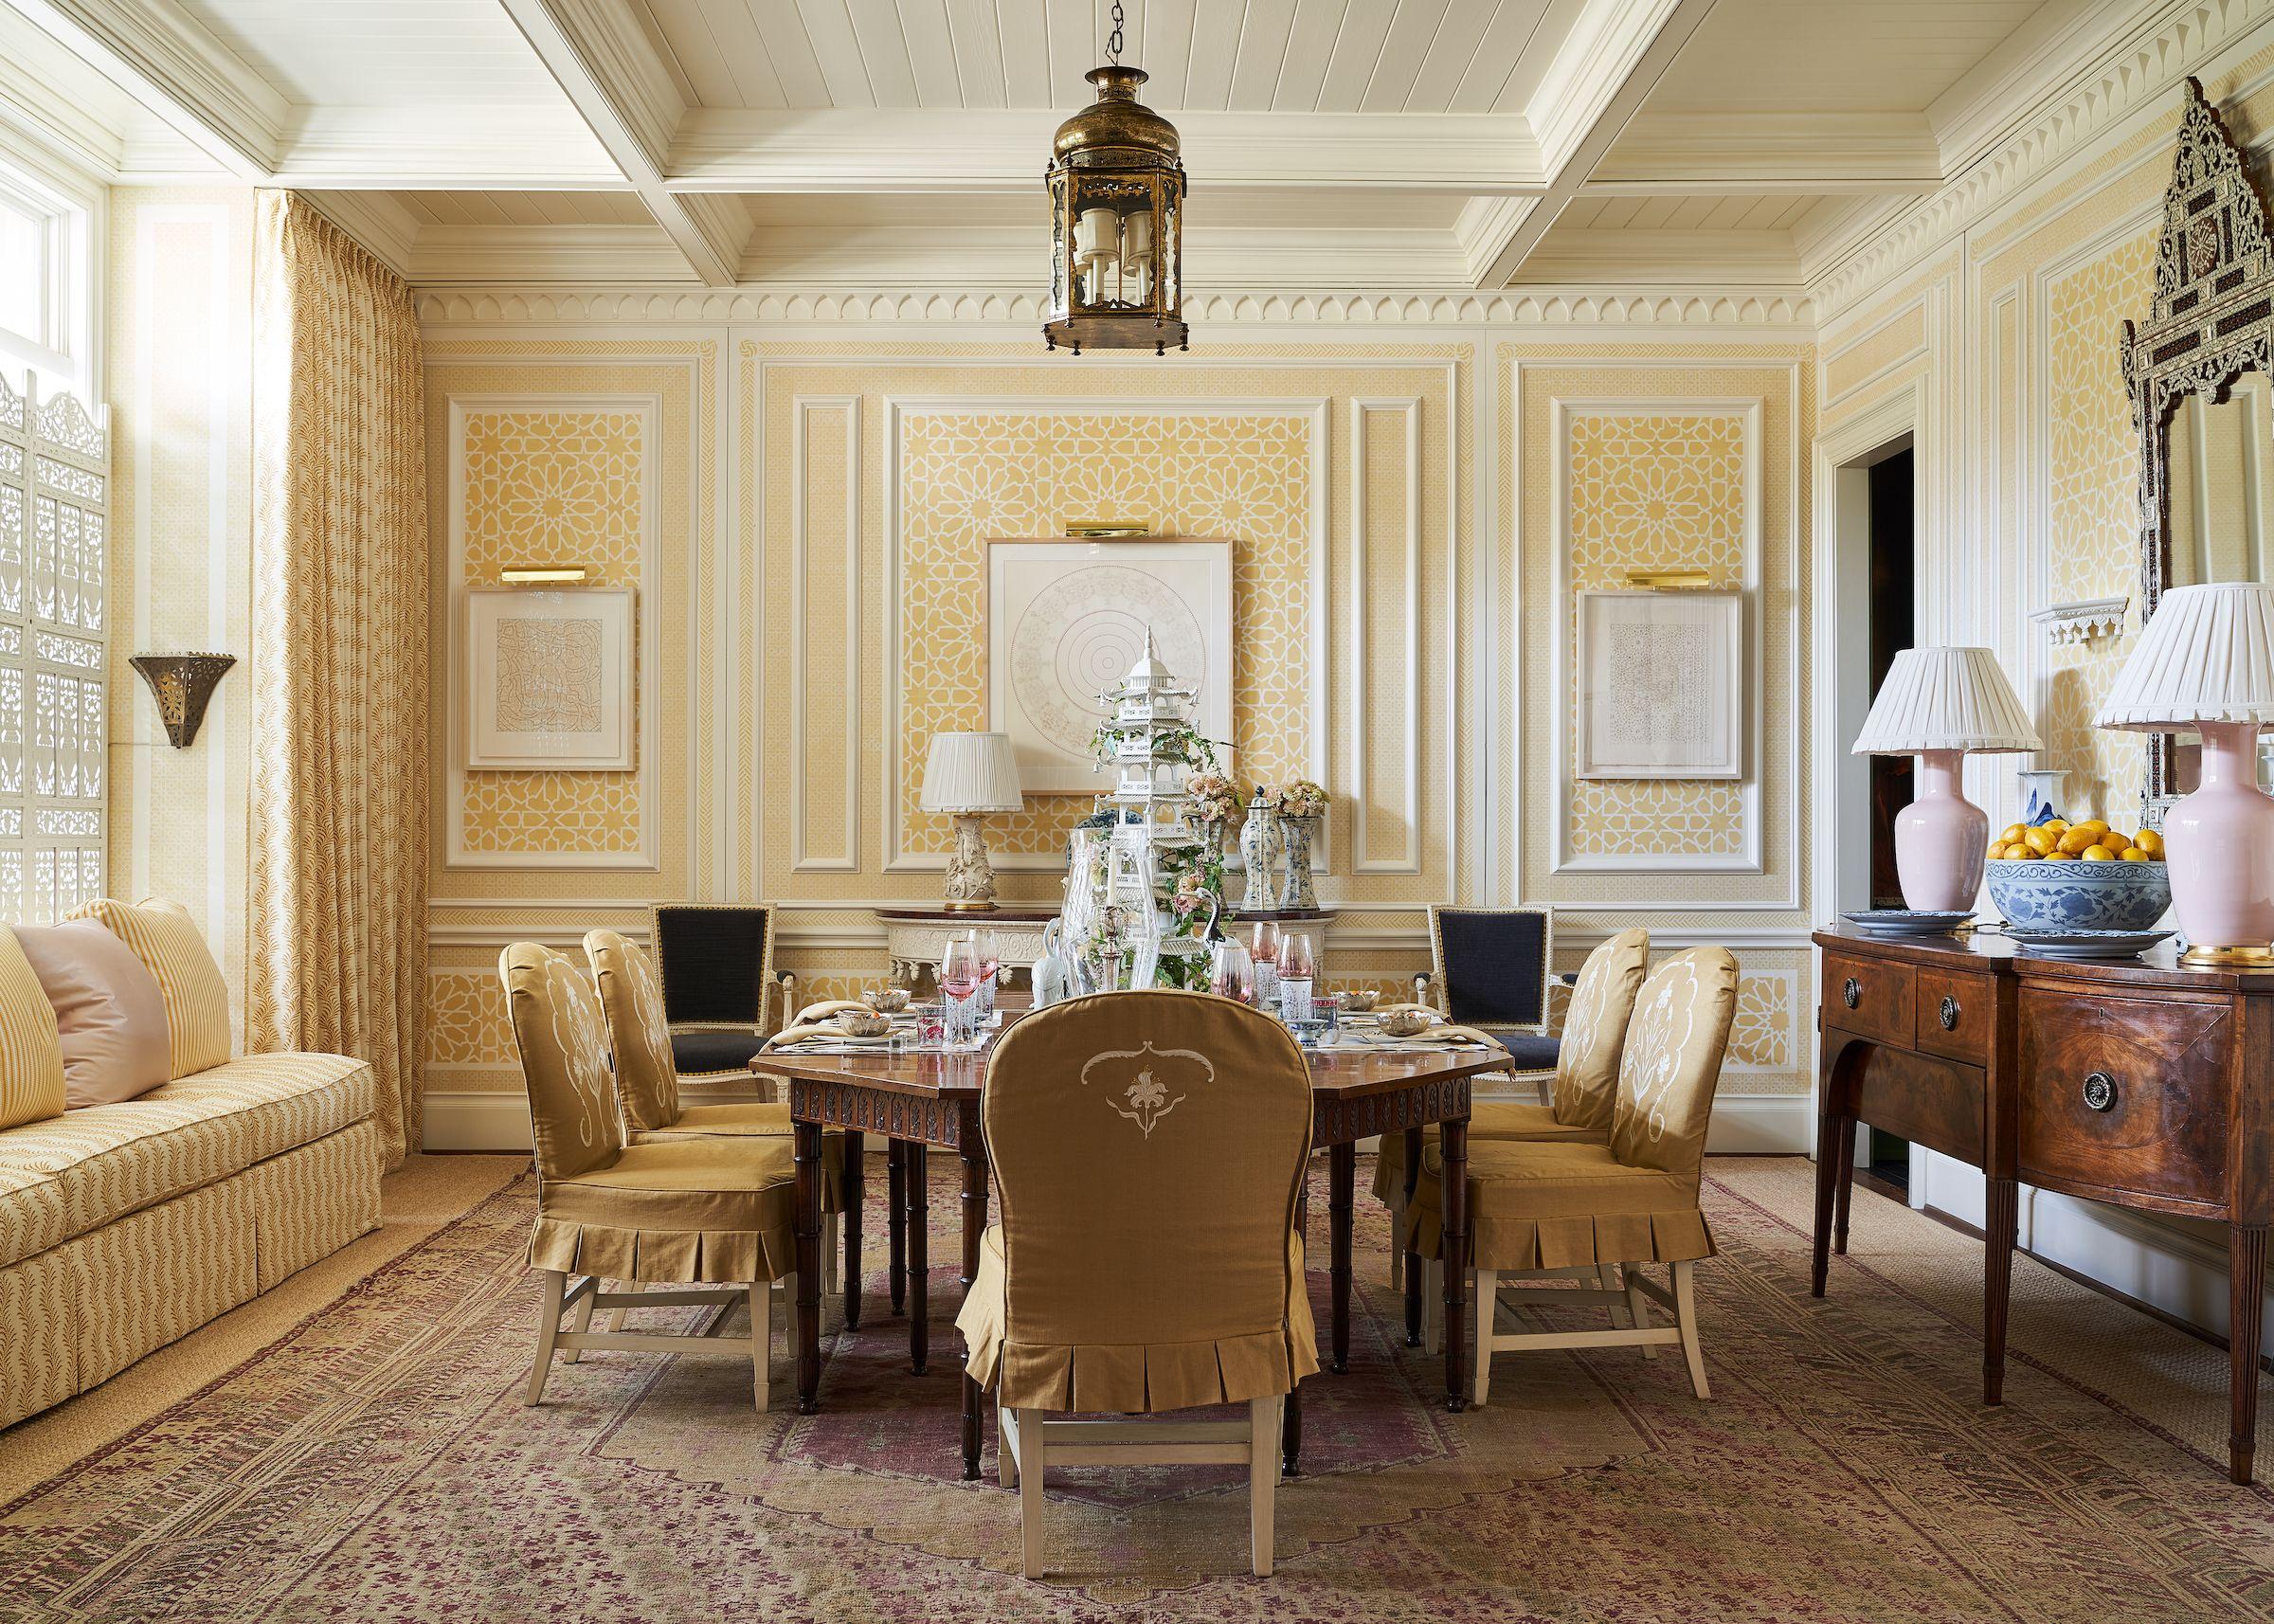 50 Best Dining Room Ideas Designer, Gold Dining Room Ideas